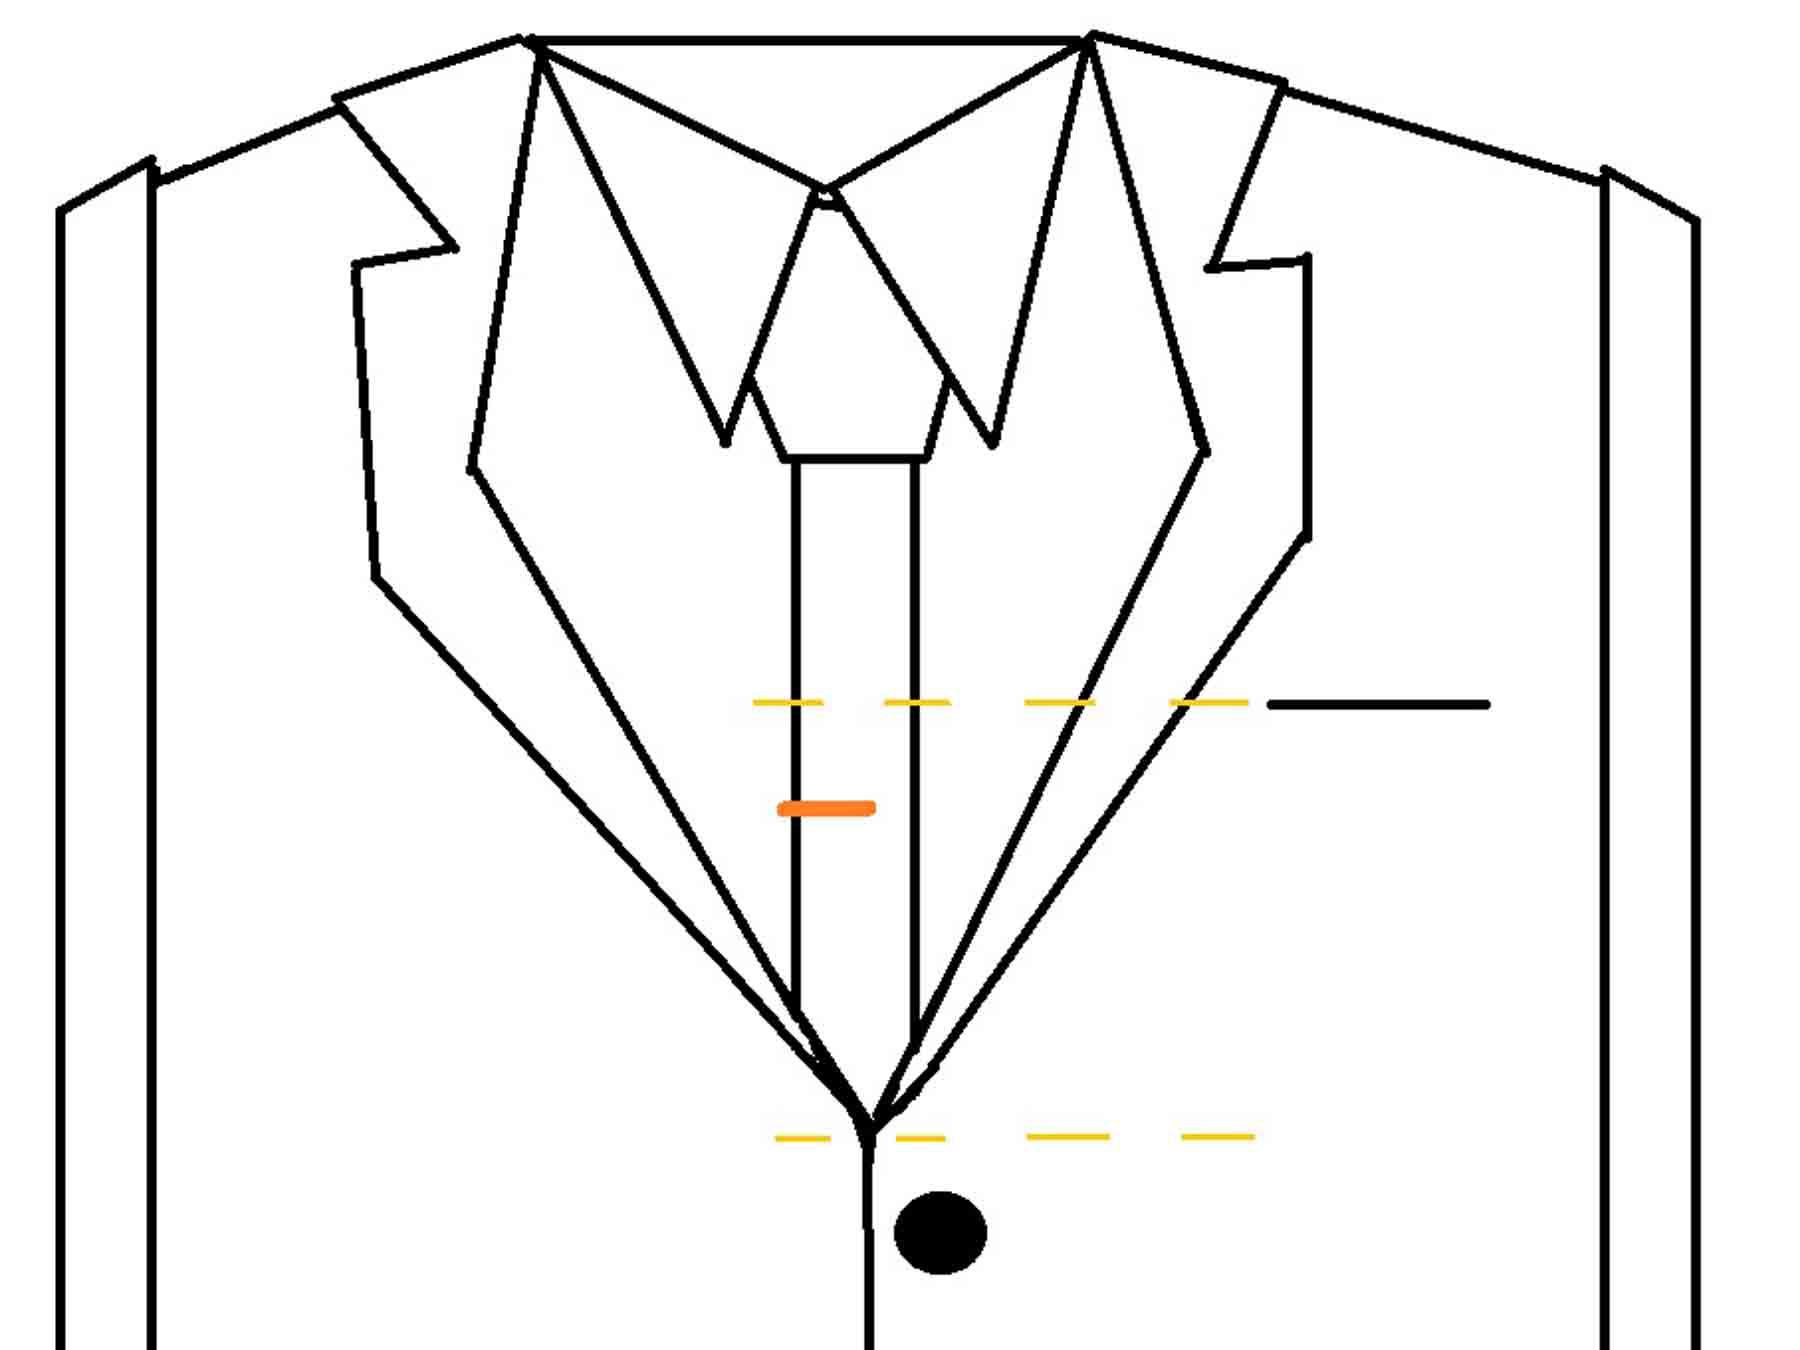 Tie Clip Diagram